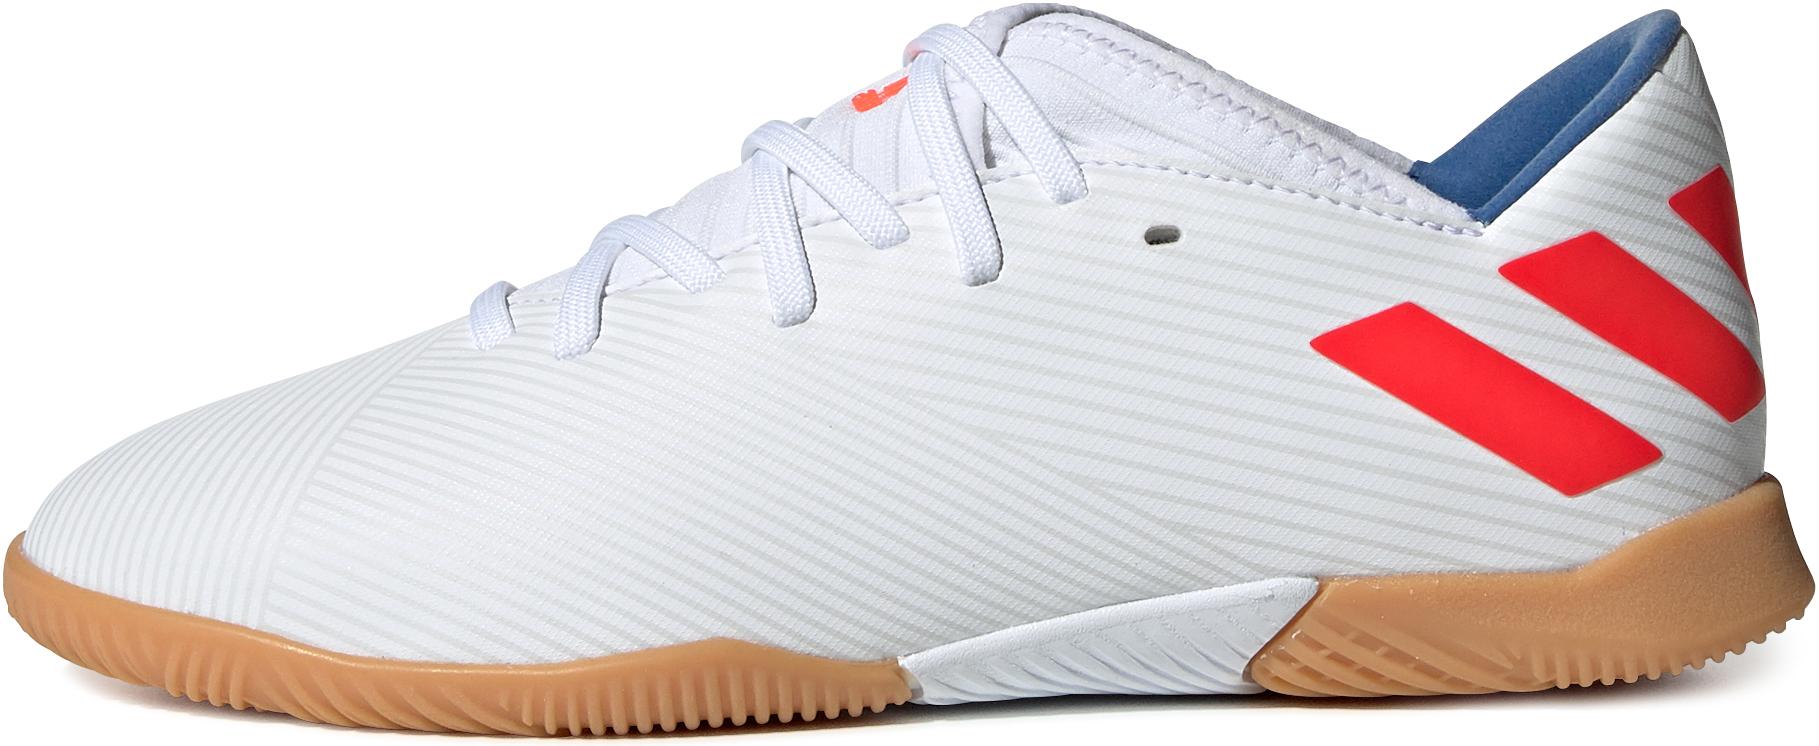 Adidas Бутсы детские Adidas Nemeziz Messi 19.3 IN, размер 35.5 кроссовки детские adidas цвет белый cg6708 размер 31 19